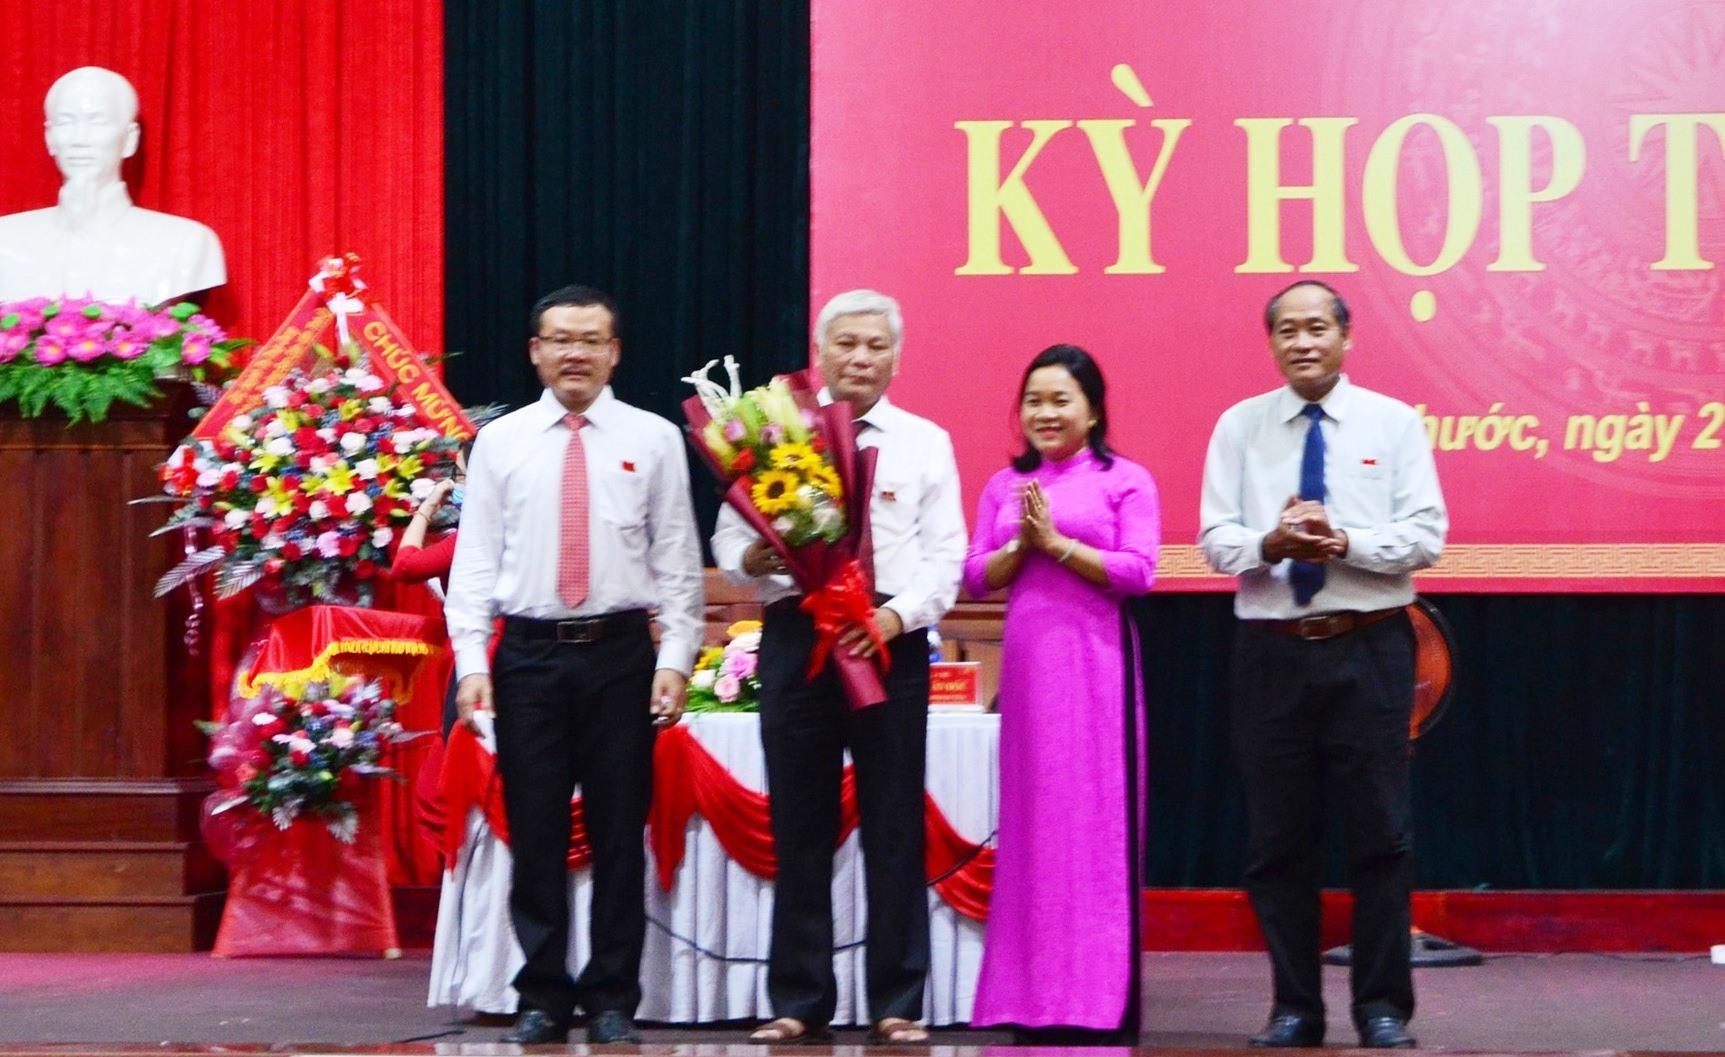 Ông Phạm Văn Đốc (đứng giữa) tái đắc cử Chủ tịch HĐND huyện Tiên Phước khóa XII, nhiệm kỳ 2021 - 2026